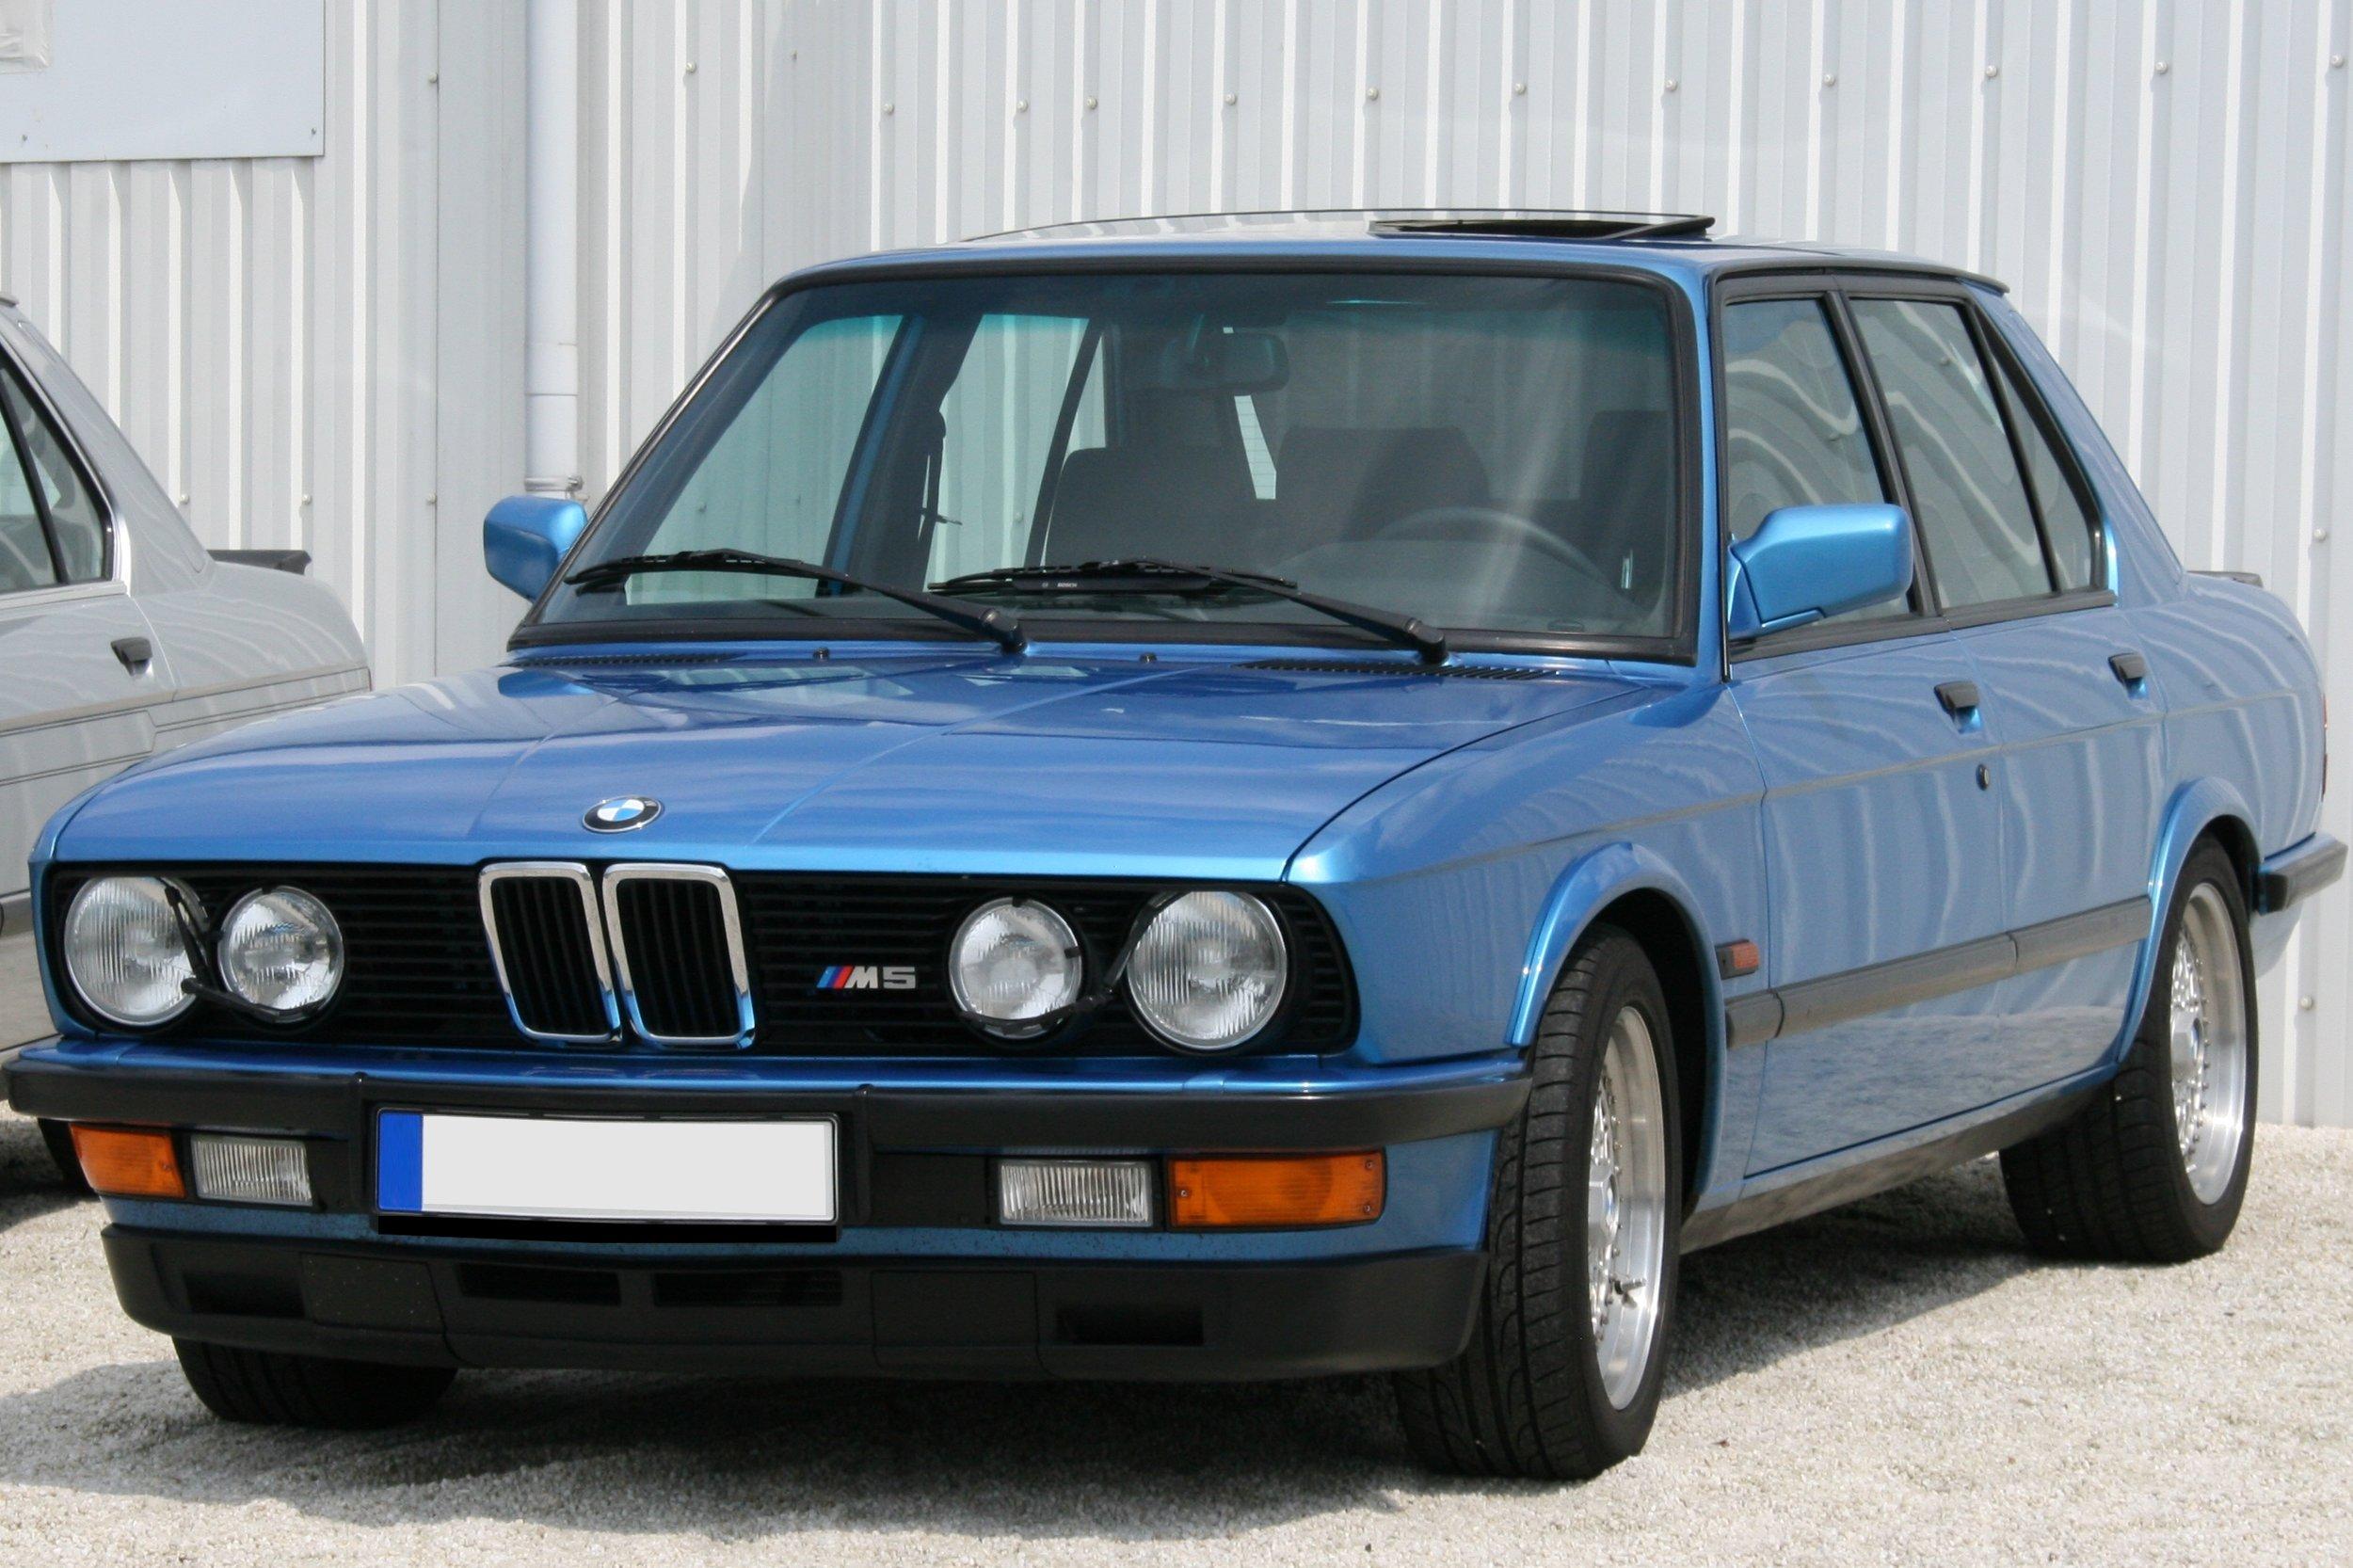 BMW+520i+%28E28%29+1981%E2%80%931988 - BMW 520i (E28) 1981–1988